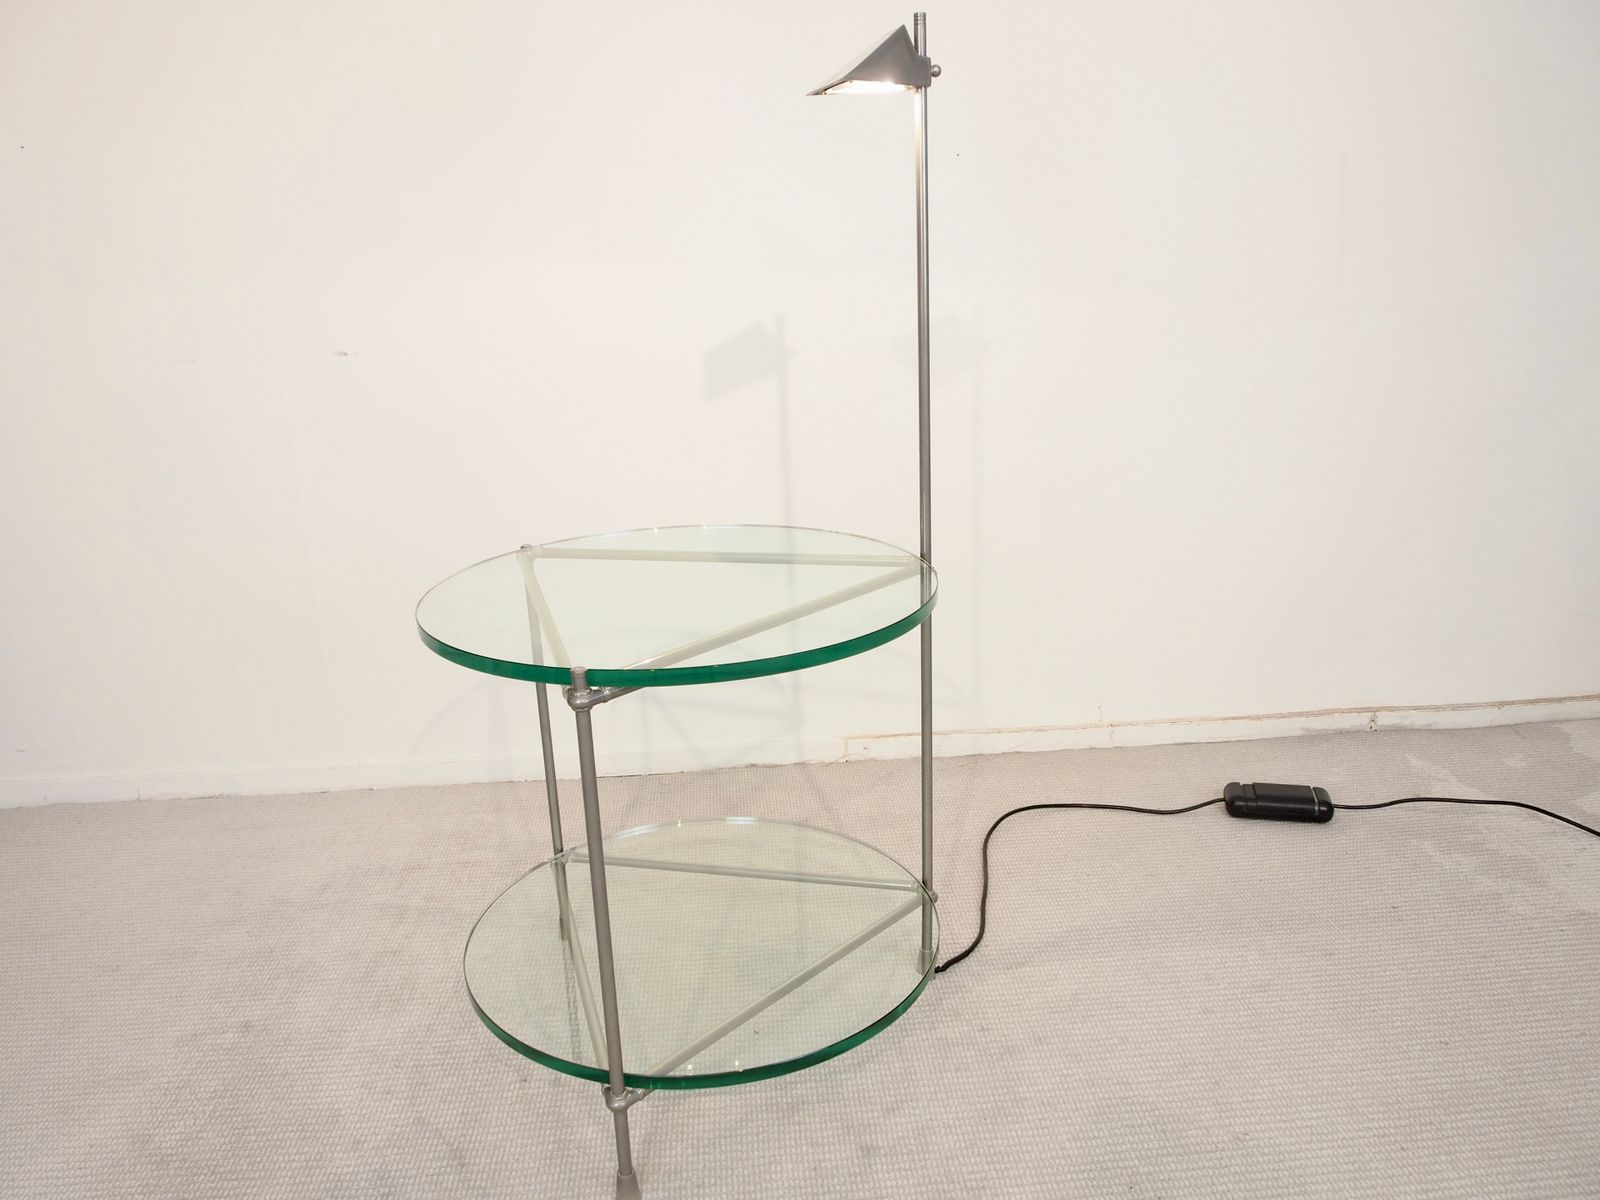 round beistelltisch aus chrom und glas mit integrierter lampe von peter ghyzcy bei pamono kaufen. Black Bedroom Furniture Sets. Home Design Ideas